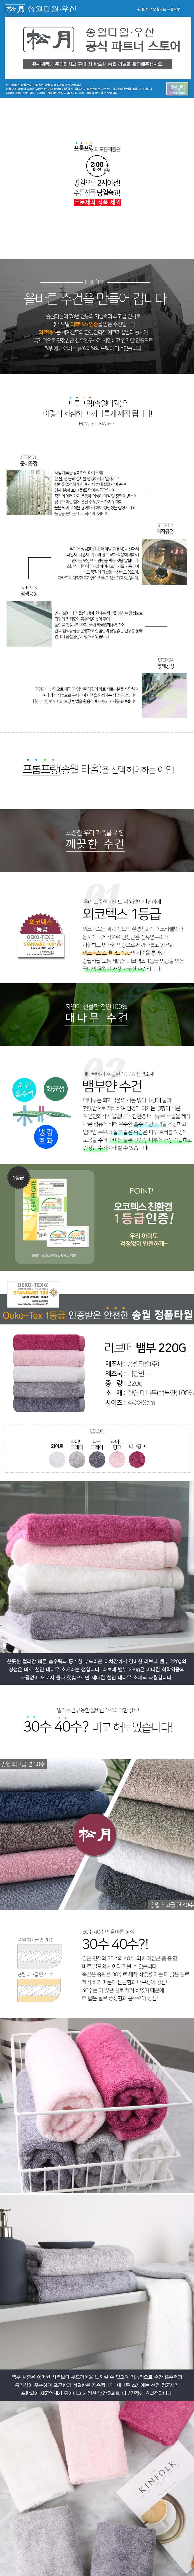 송월 호텔수건 라보떼 뱀부 220g - 송월타월, 5,800원, 수건/타올, 세면타올